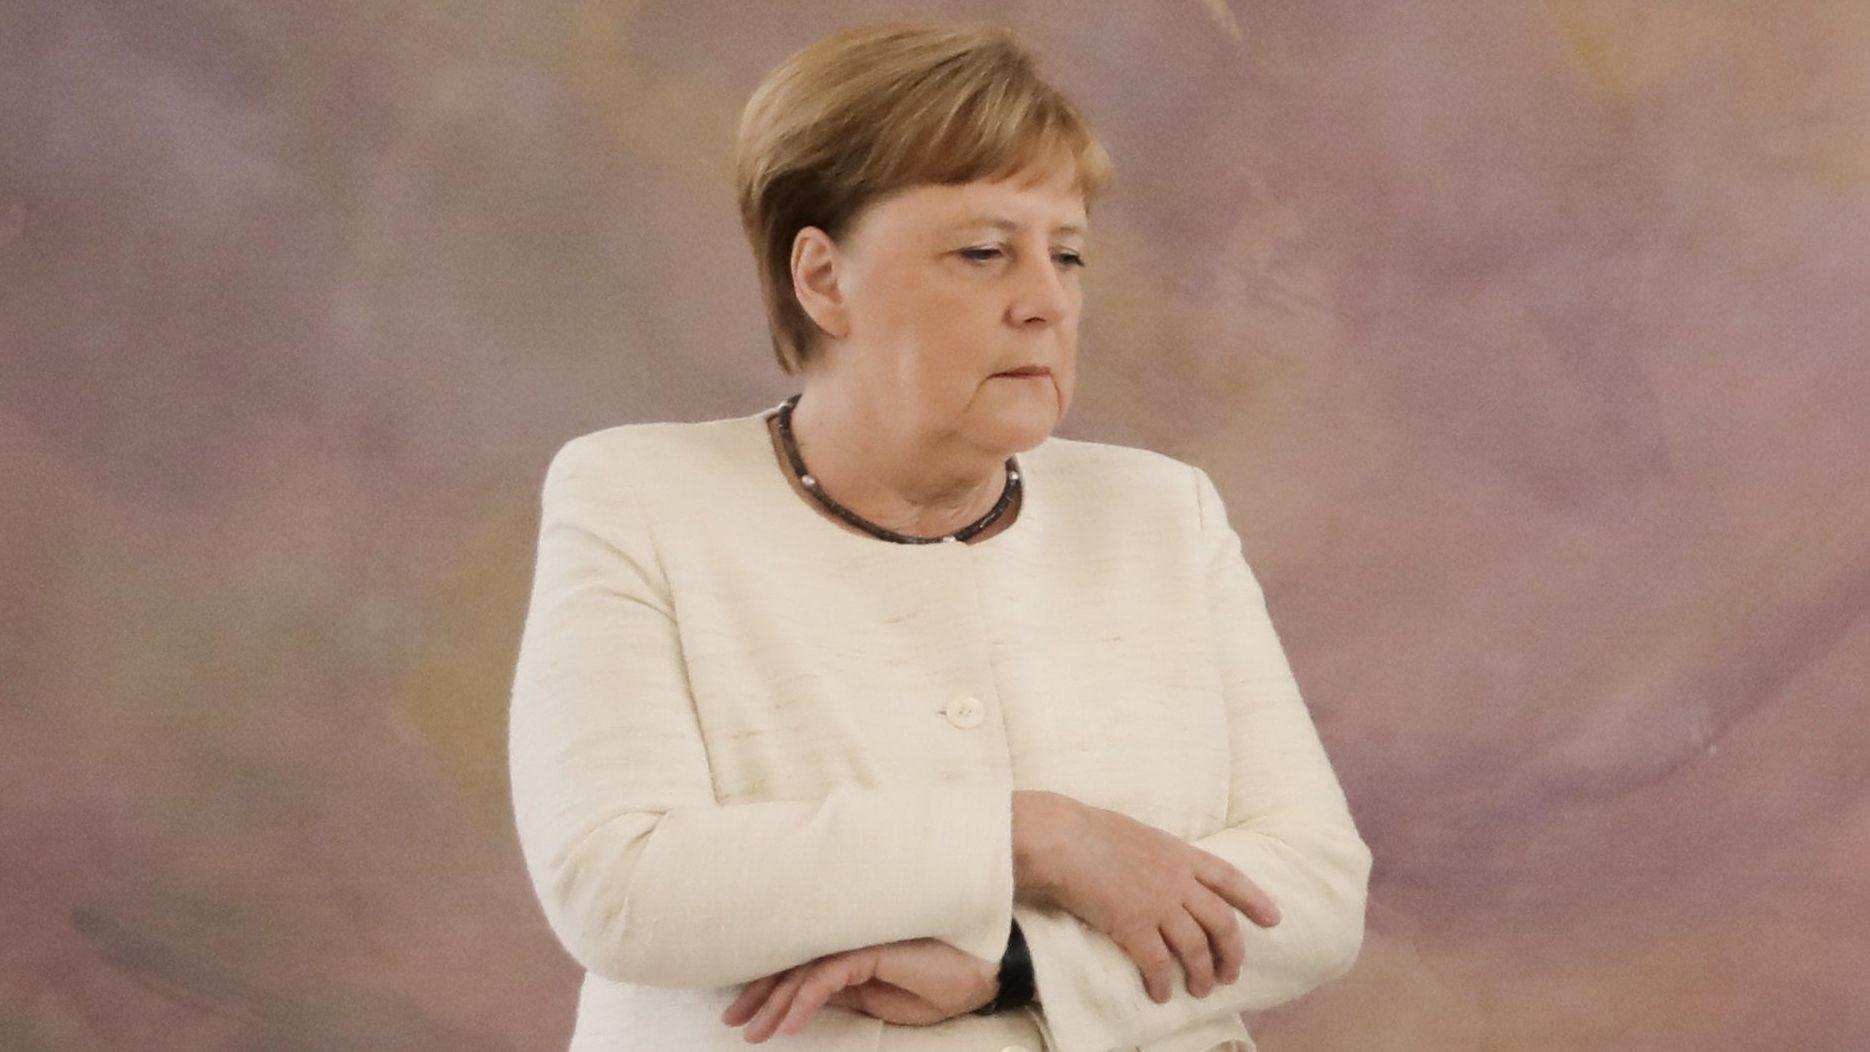 Bundeskanzlerin Angela Merkel hat bei der Ernennung der neuen Justizministerin erneut einen Zitteranfall erlitten.Bundeskanzlerin Angela Merkel hat bei der Ernennung der neuen Justizministerin erneut einen Zitteranfall erlitten.